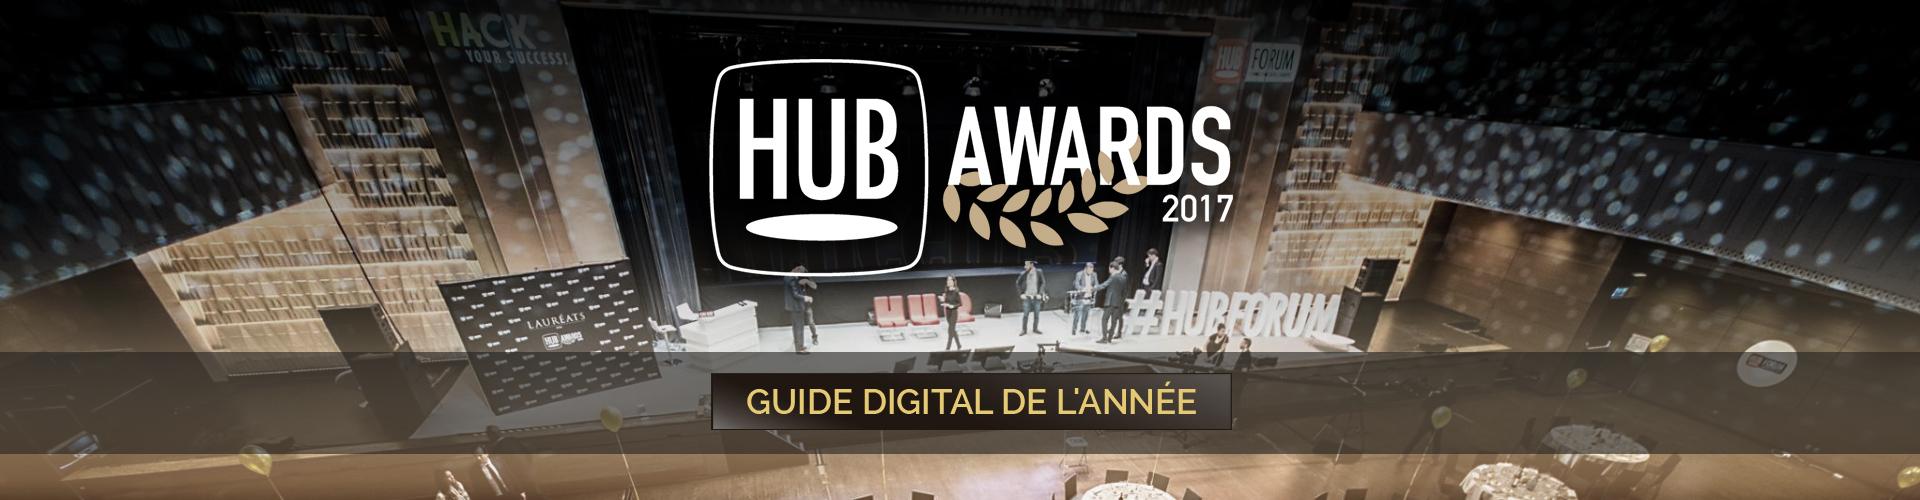 Olivier Laborde Trophée HUB Awards 2017 Guide digital de l'année